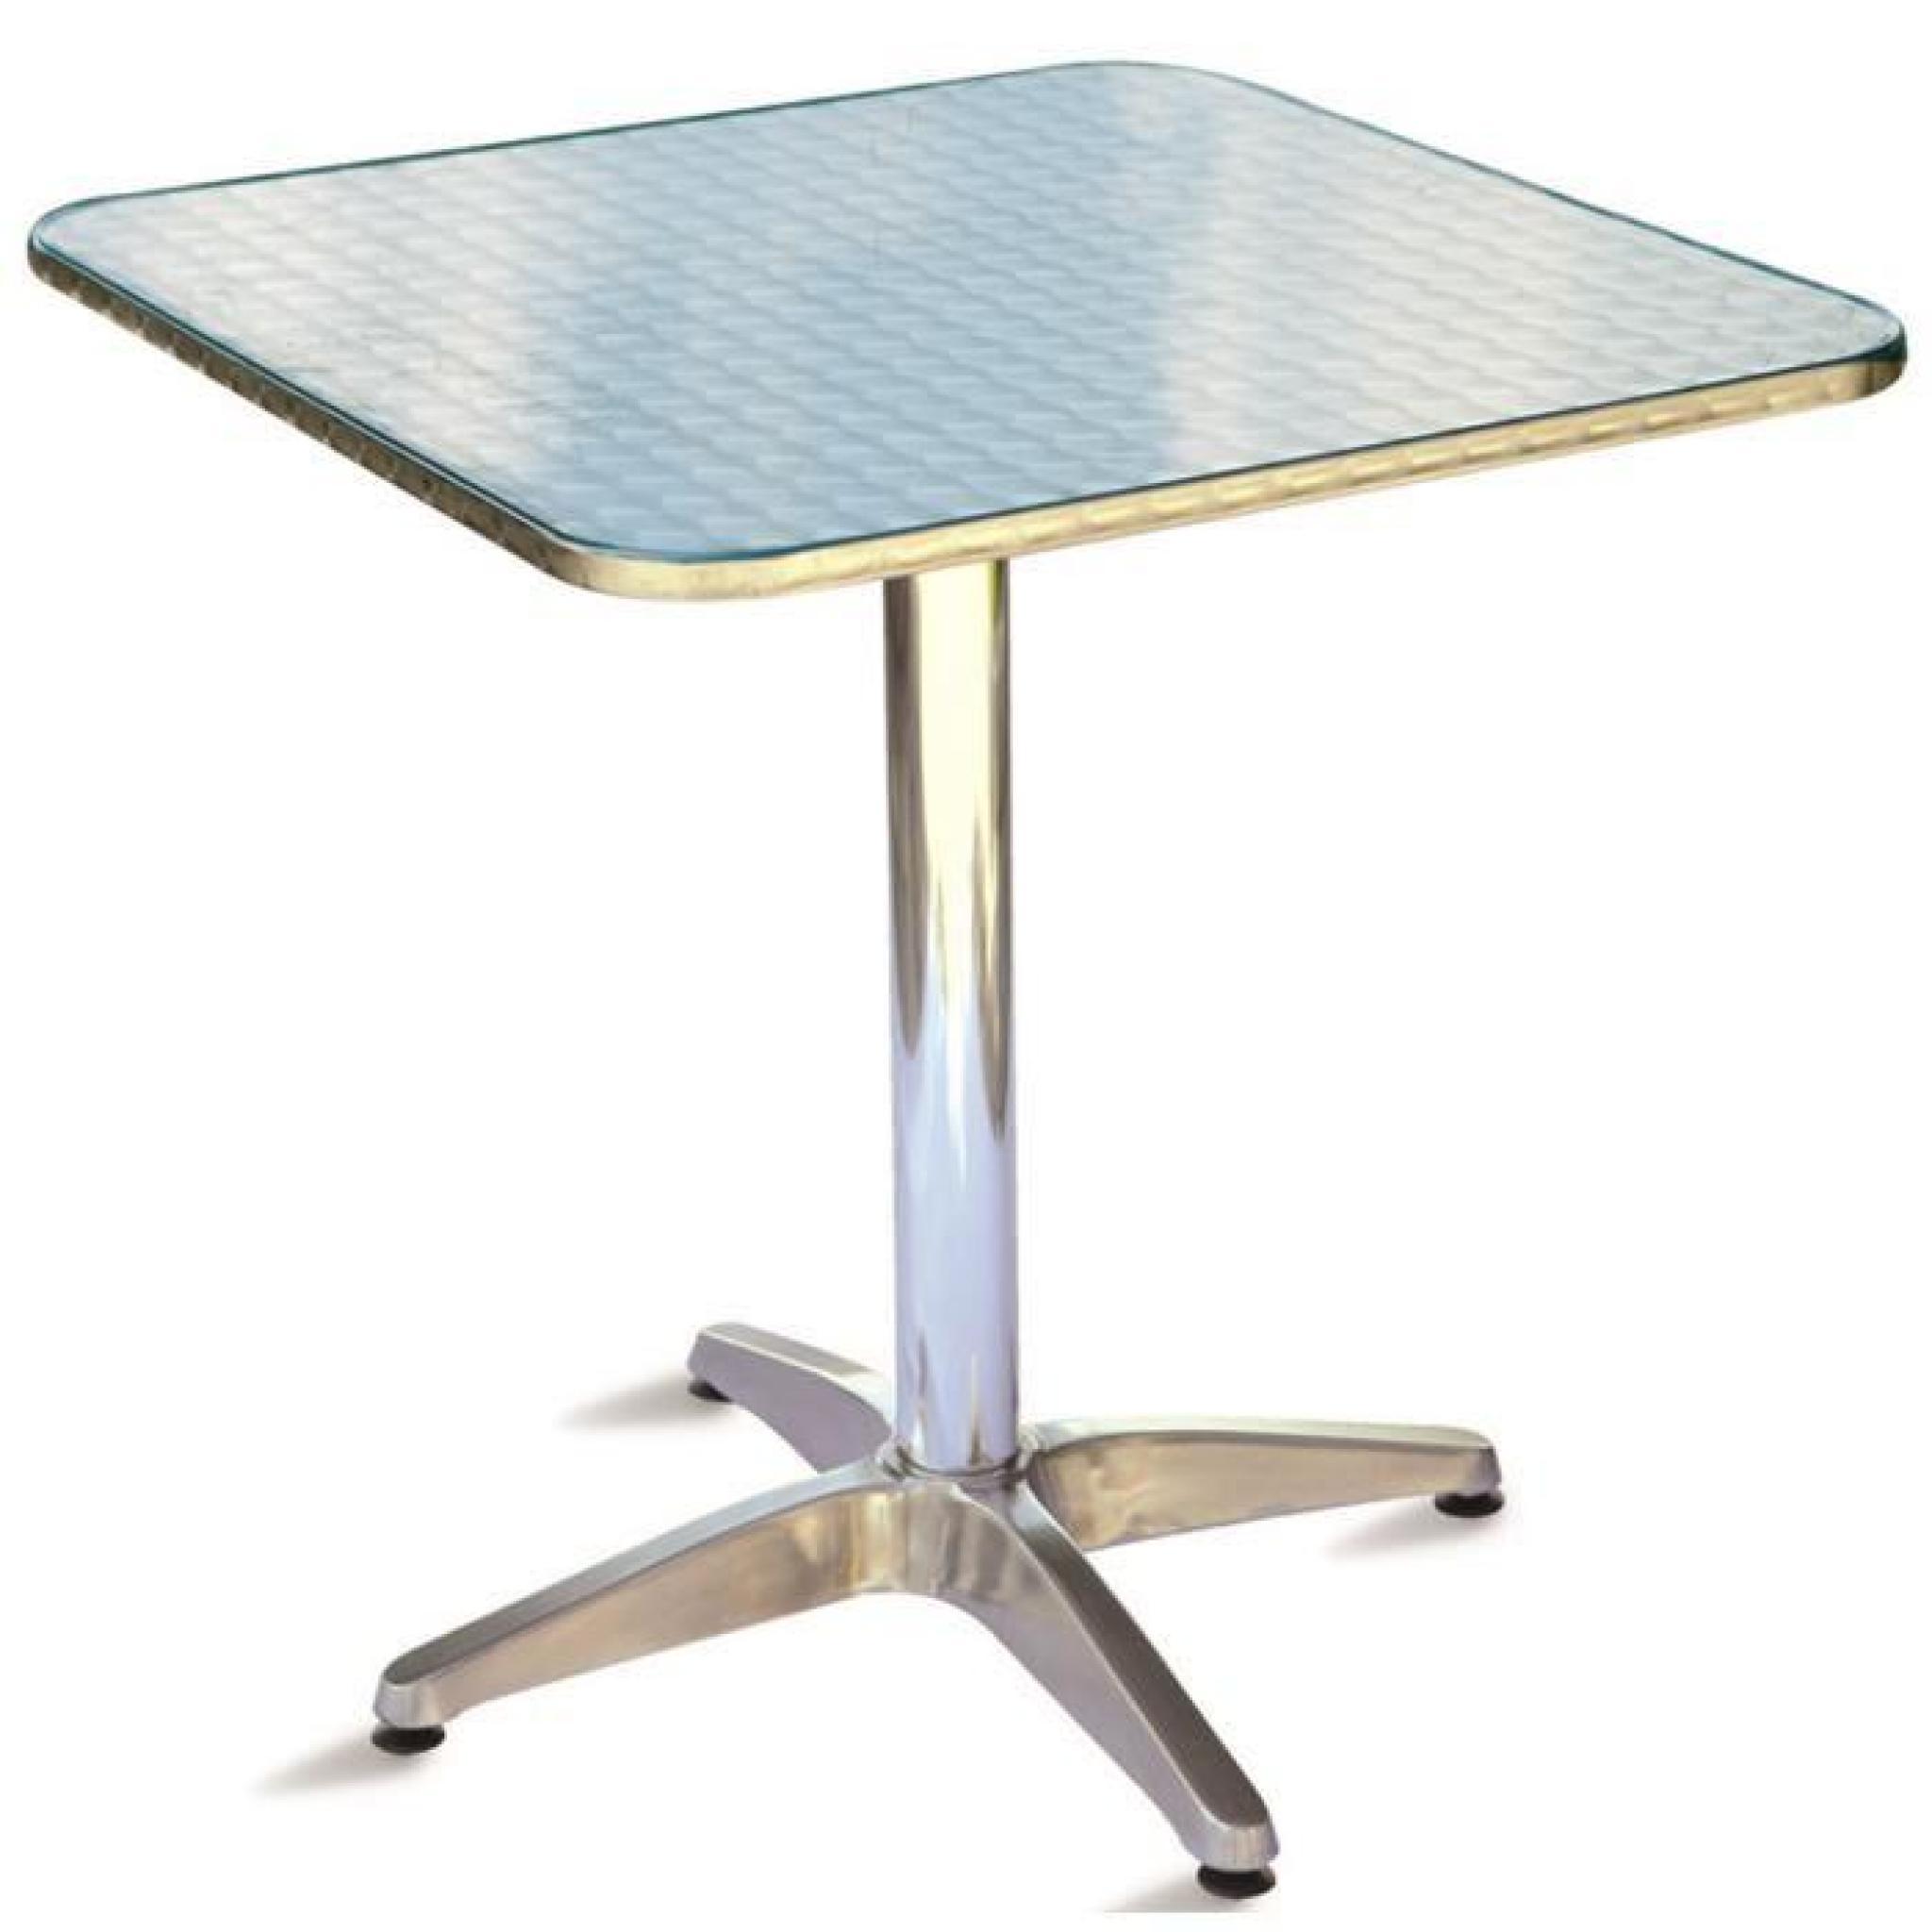 Table jardin en aluminium et plateau en acier forme carré - Dim : H 71 x L  70 x P 70 cm